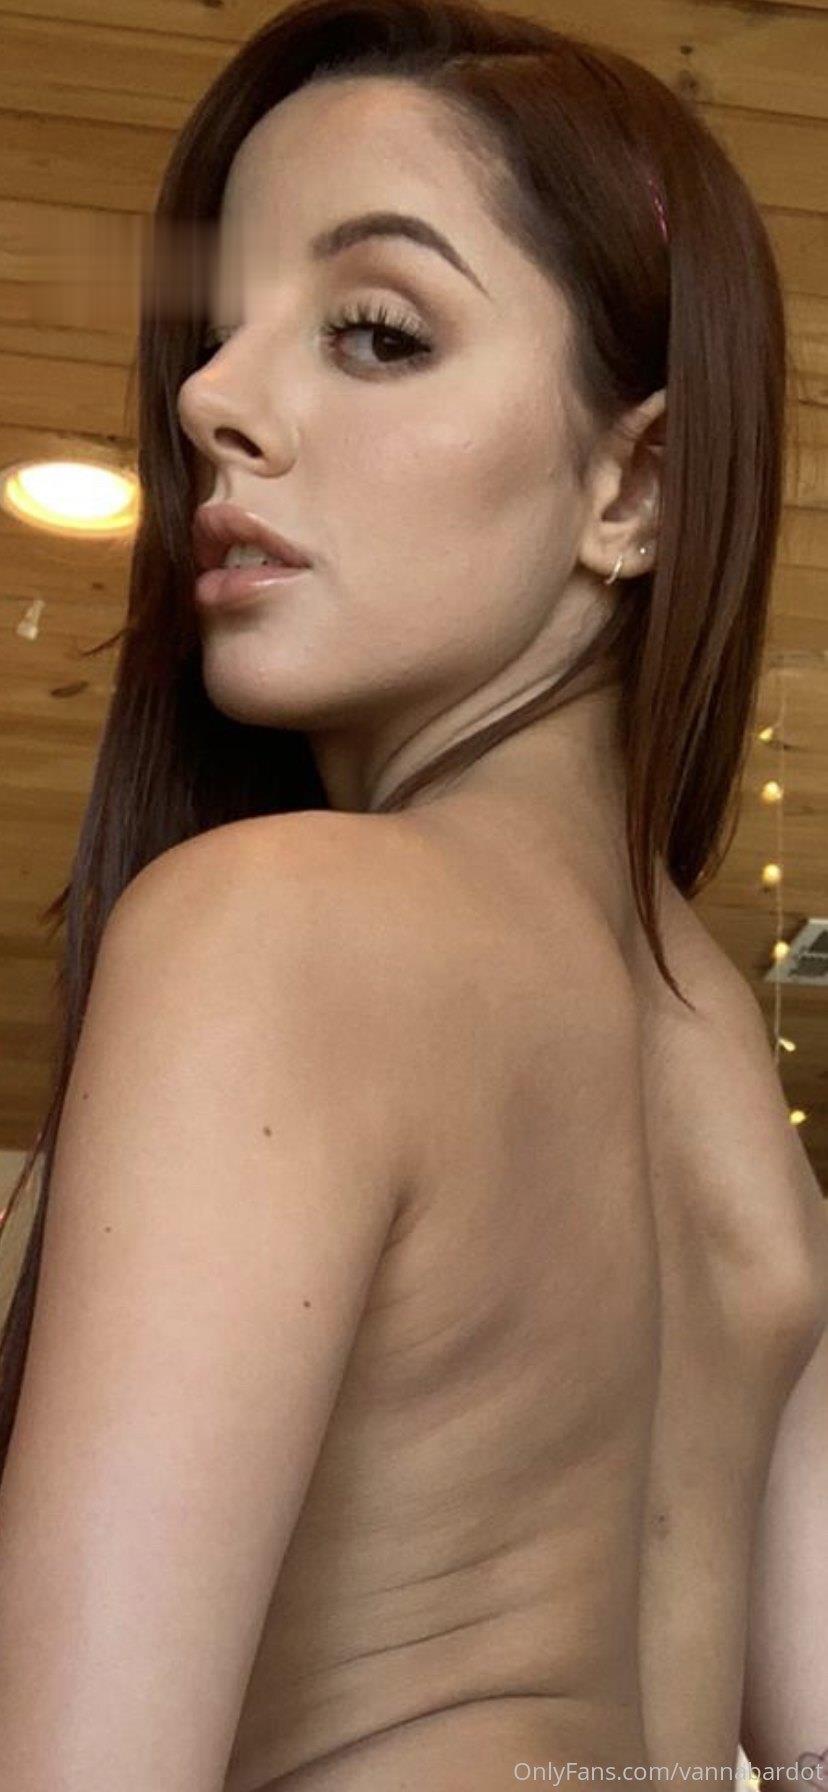 Vanna Bardot Vannabardot Onlyfans Leaked Nudes 0030